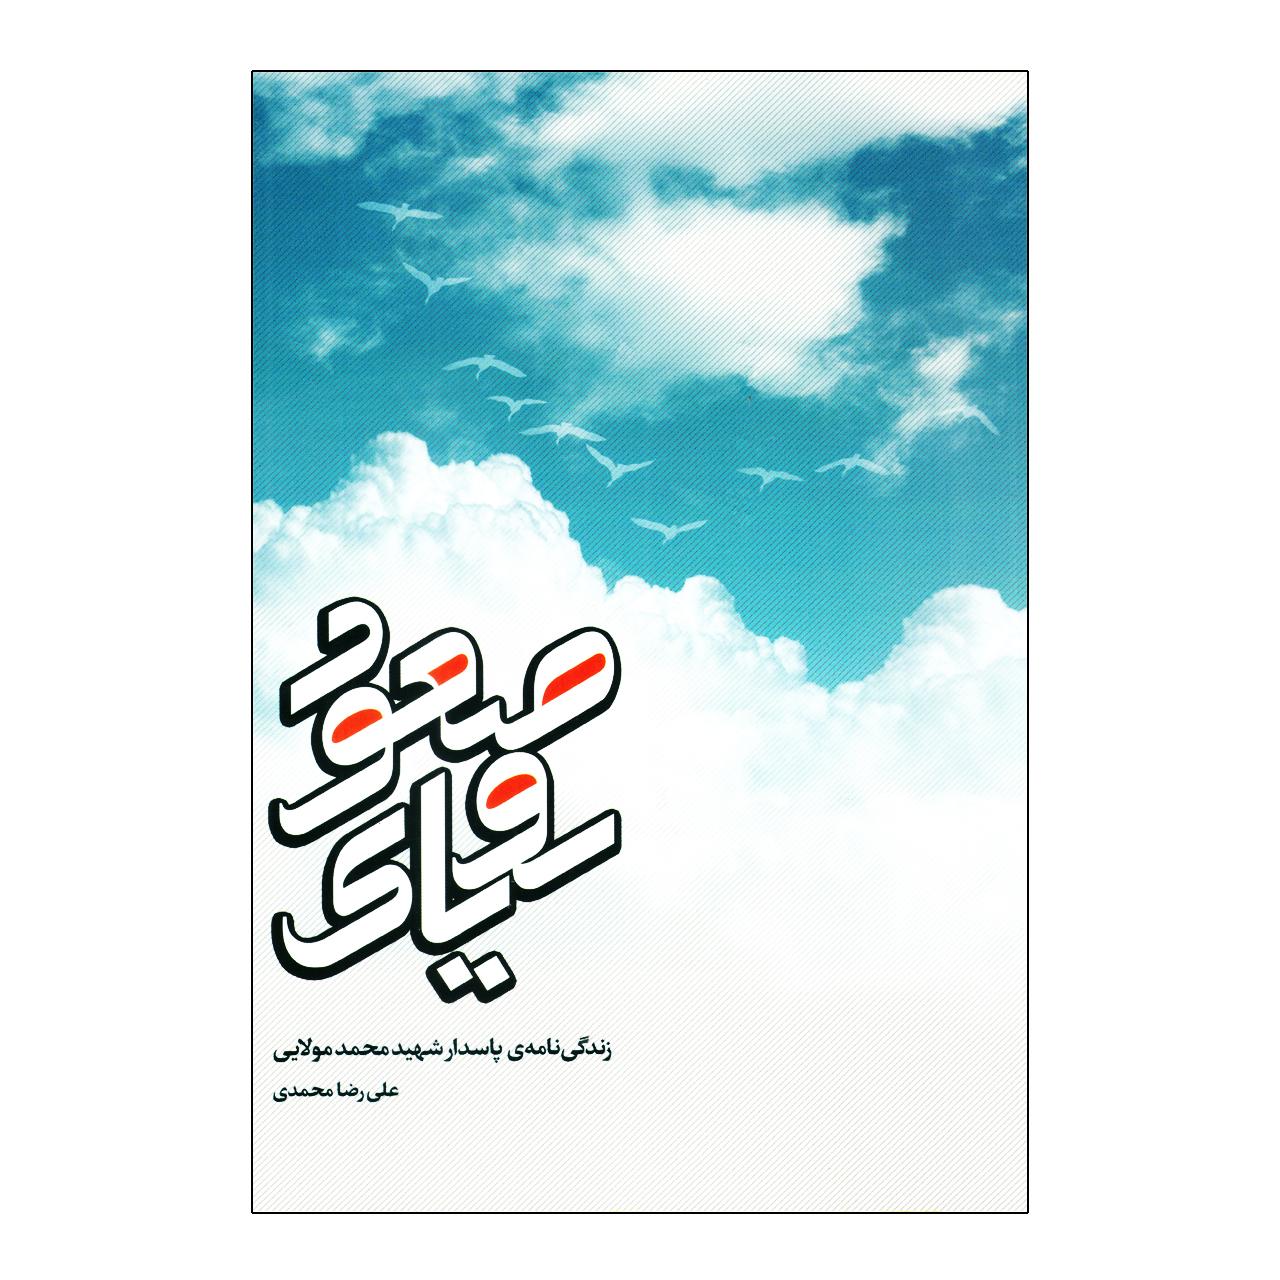 مشخصات، قیمت و خرید کتاب رویای صعود اثر علی رضا محمدی انتشارات بیست و هفت  بعثت | دیجیکالا